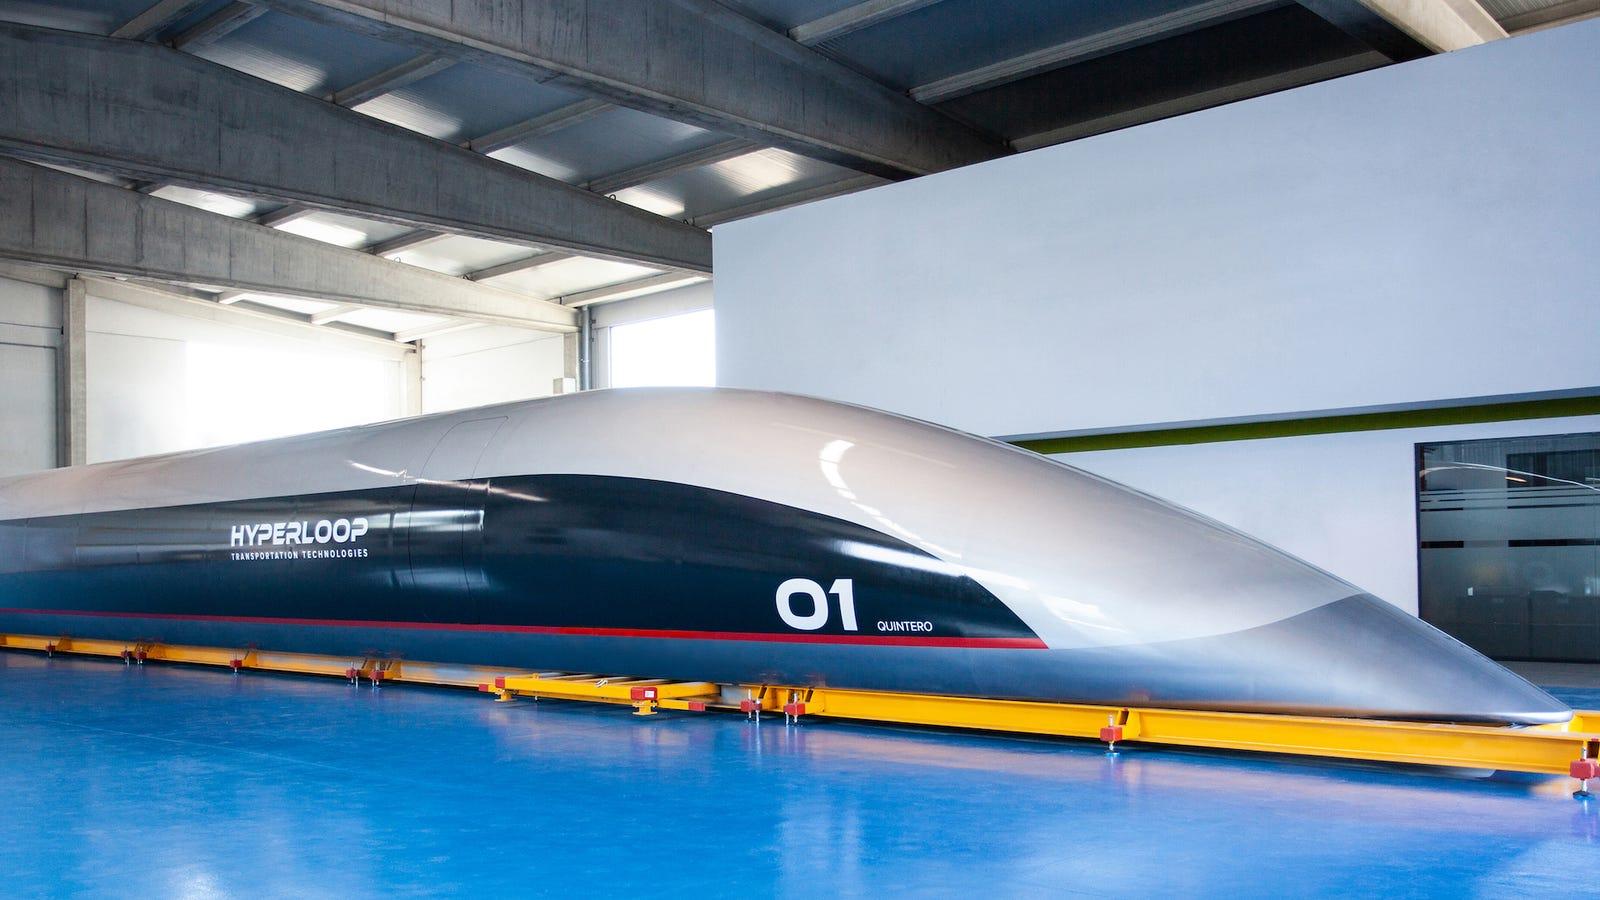 El Hyperloop de Cádiz es muy diferente al original de Elon Musk